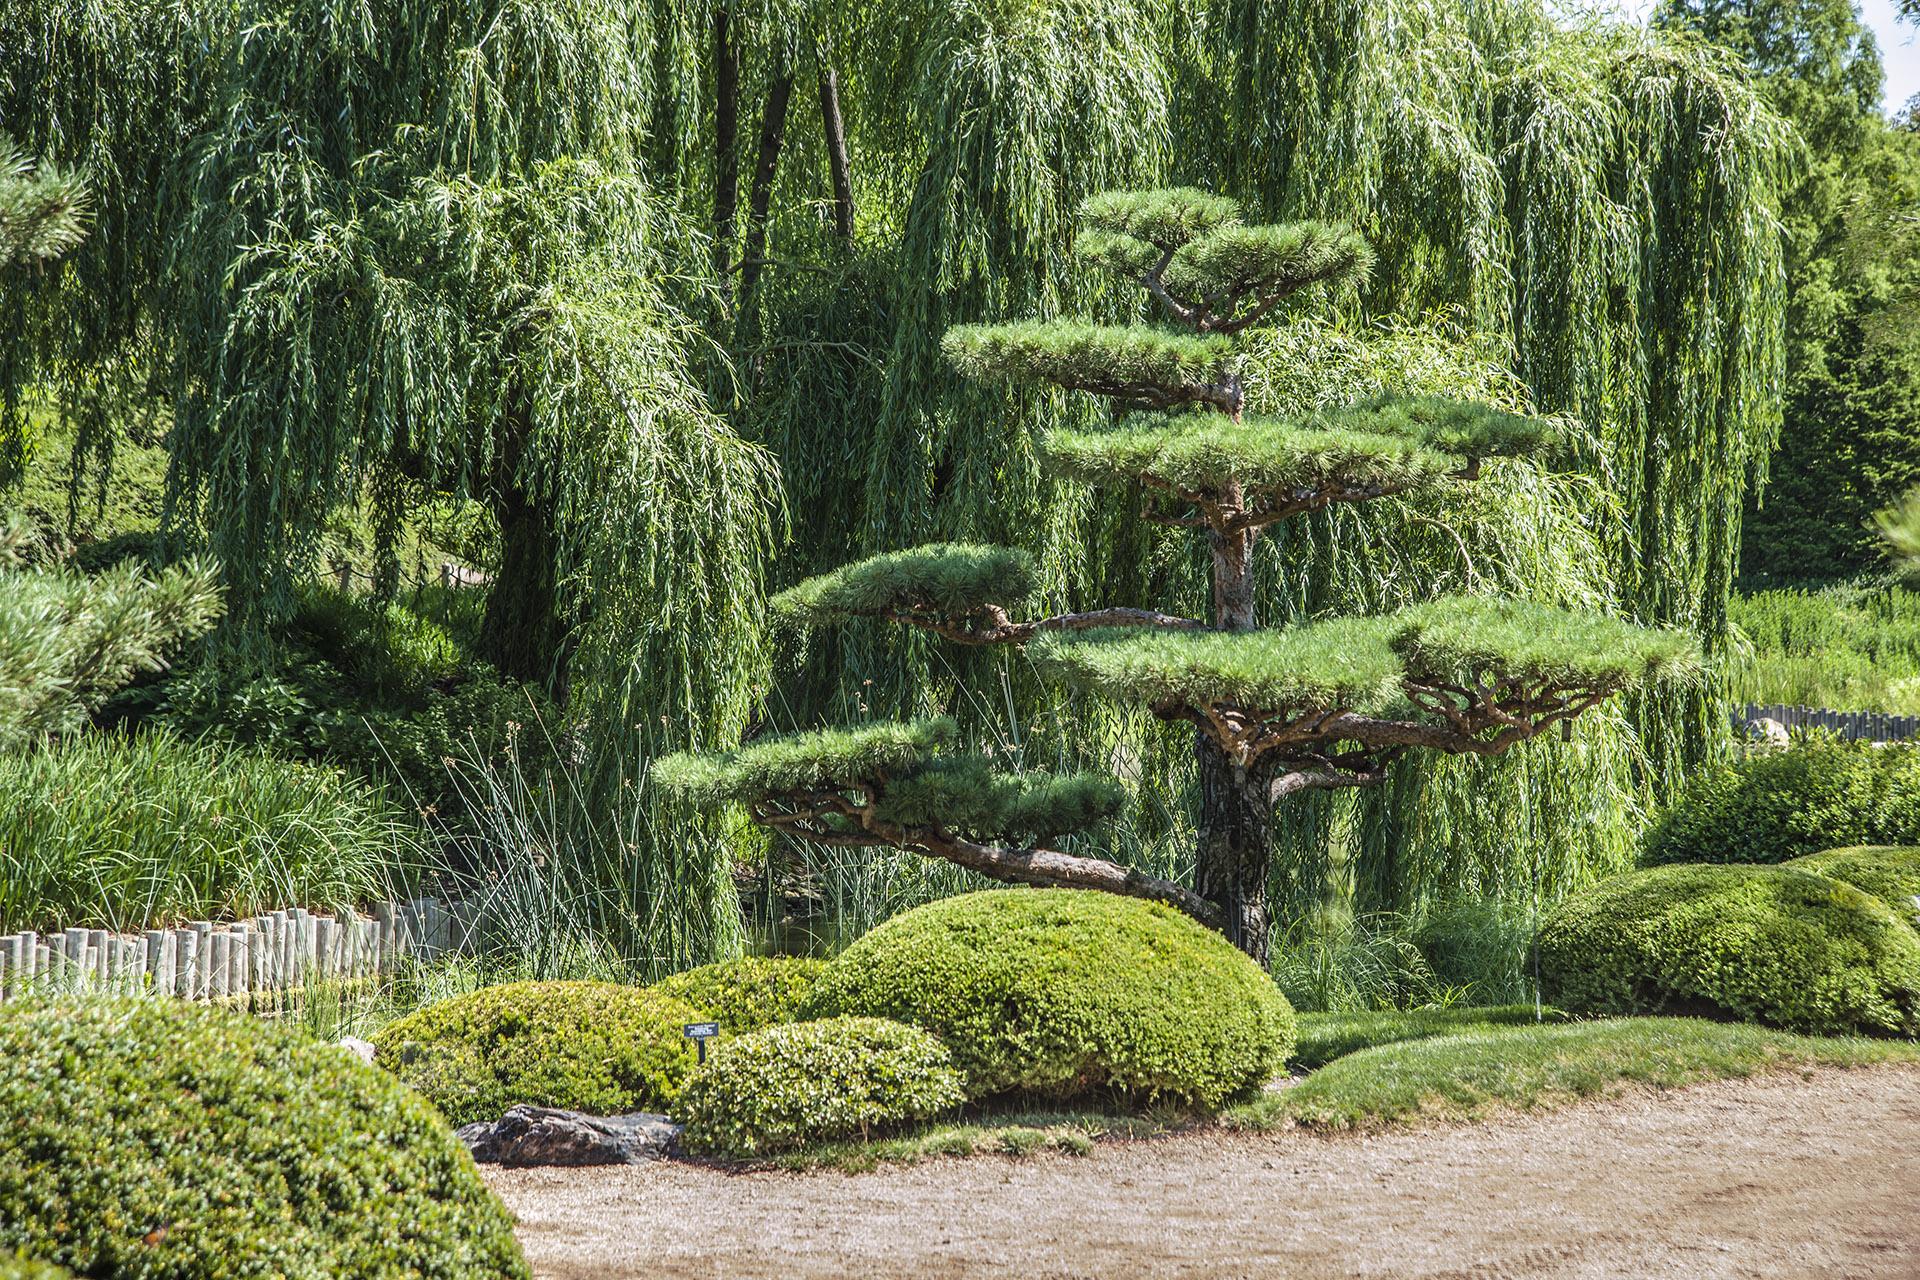 Chicago Botanic Garden In Glencoe Where East Meets